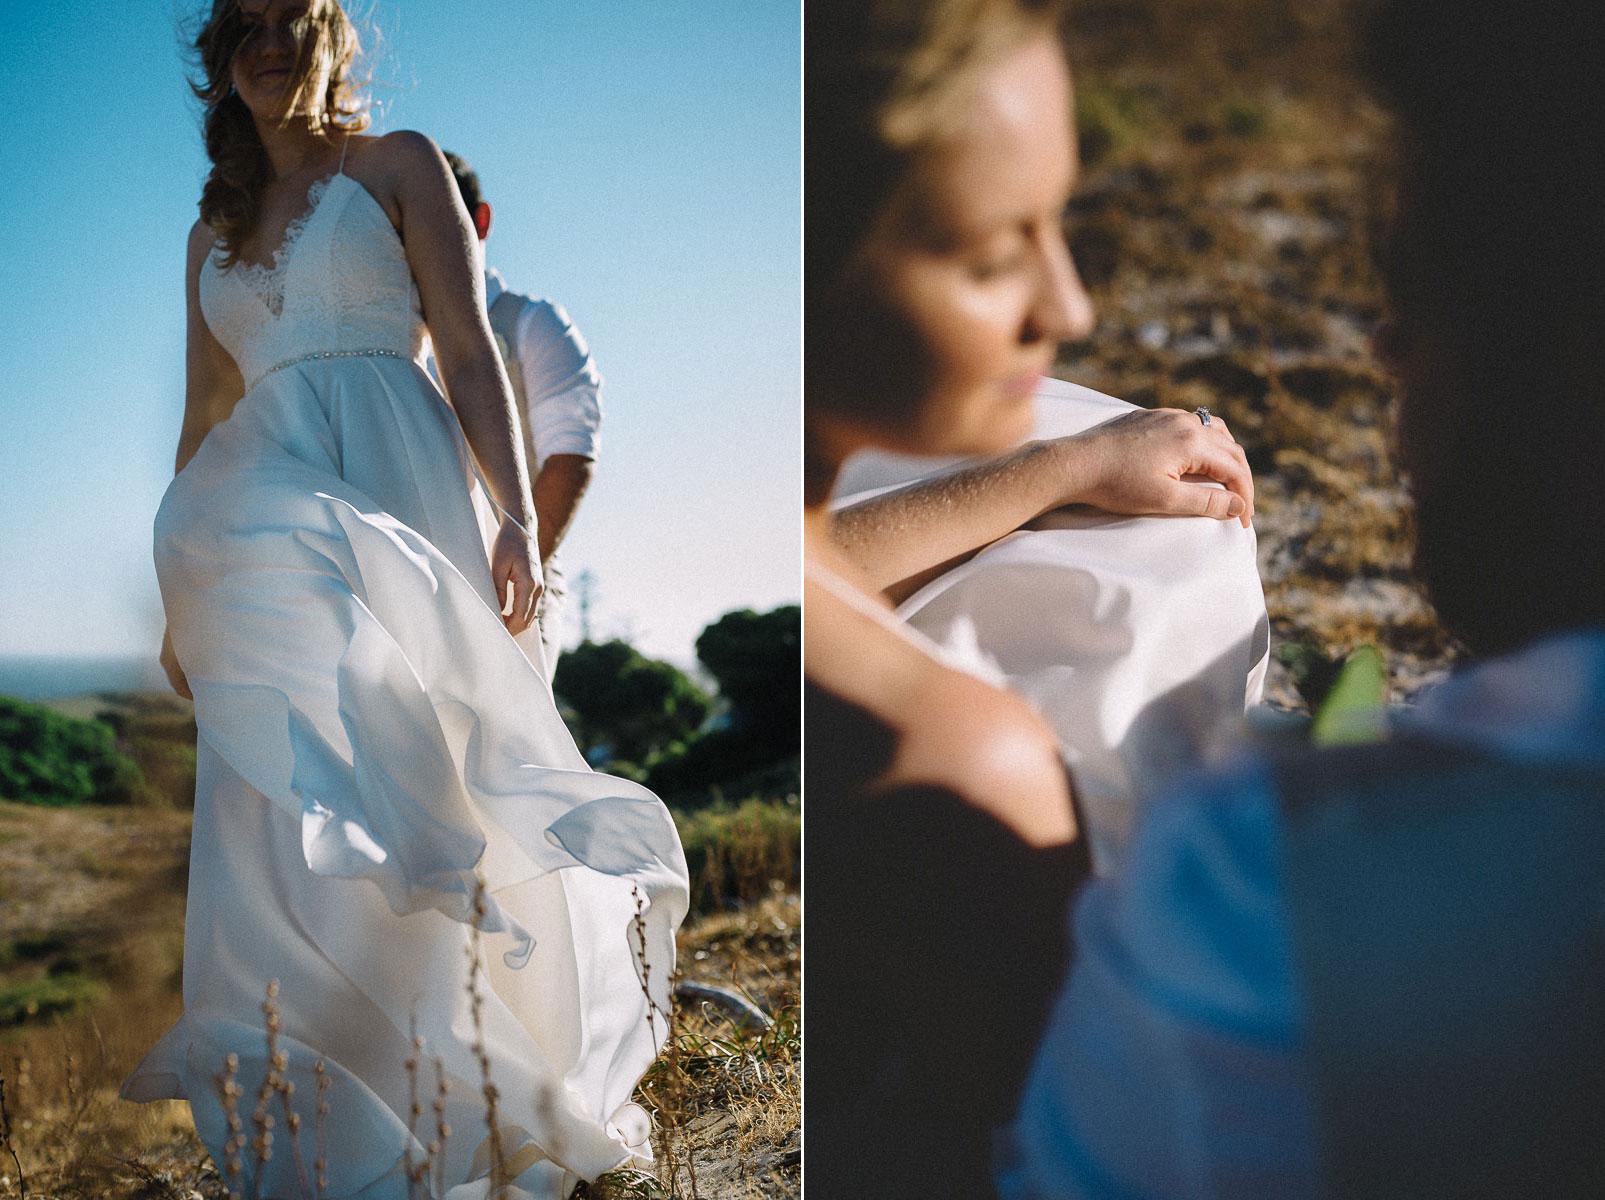 rottnest-island-elopement-piotrek-ziolkowski-photographer-50.jpg